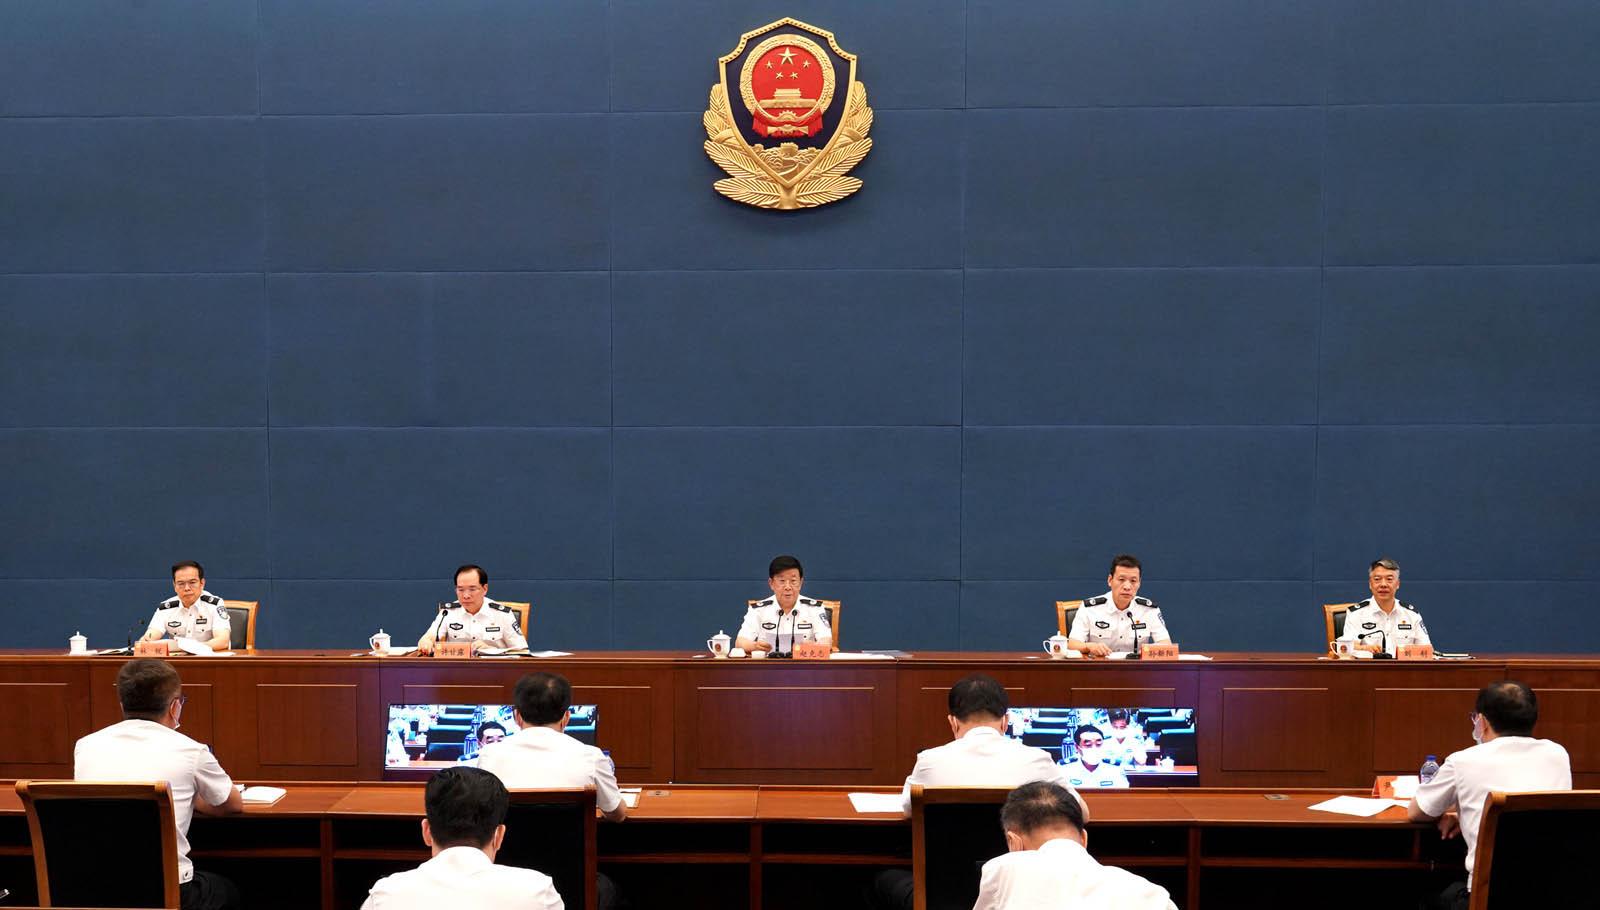 赵克志:扎实开展教育整顿 不断纯洁公安...